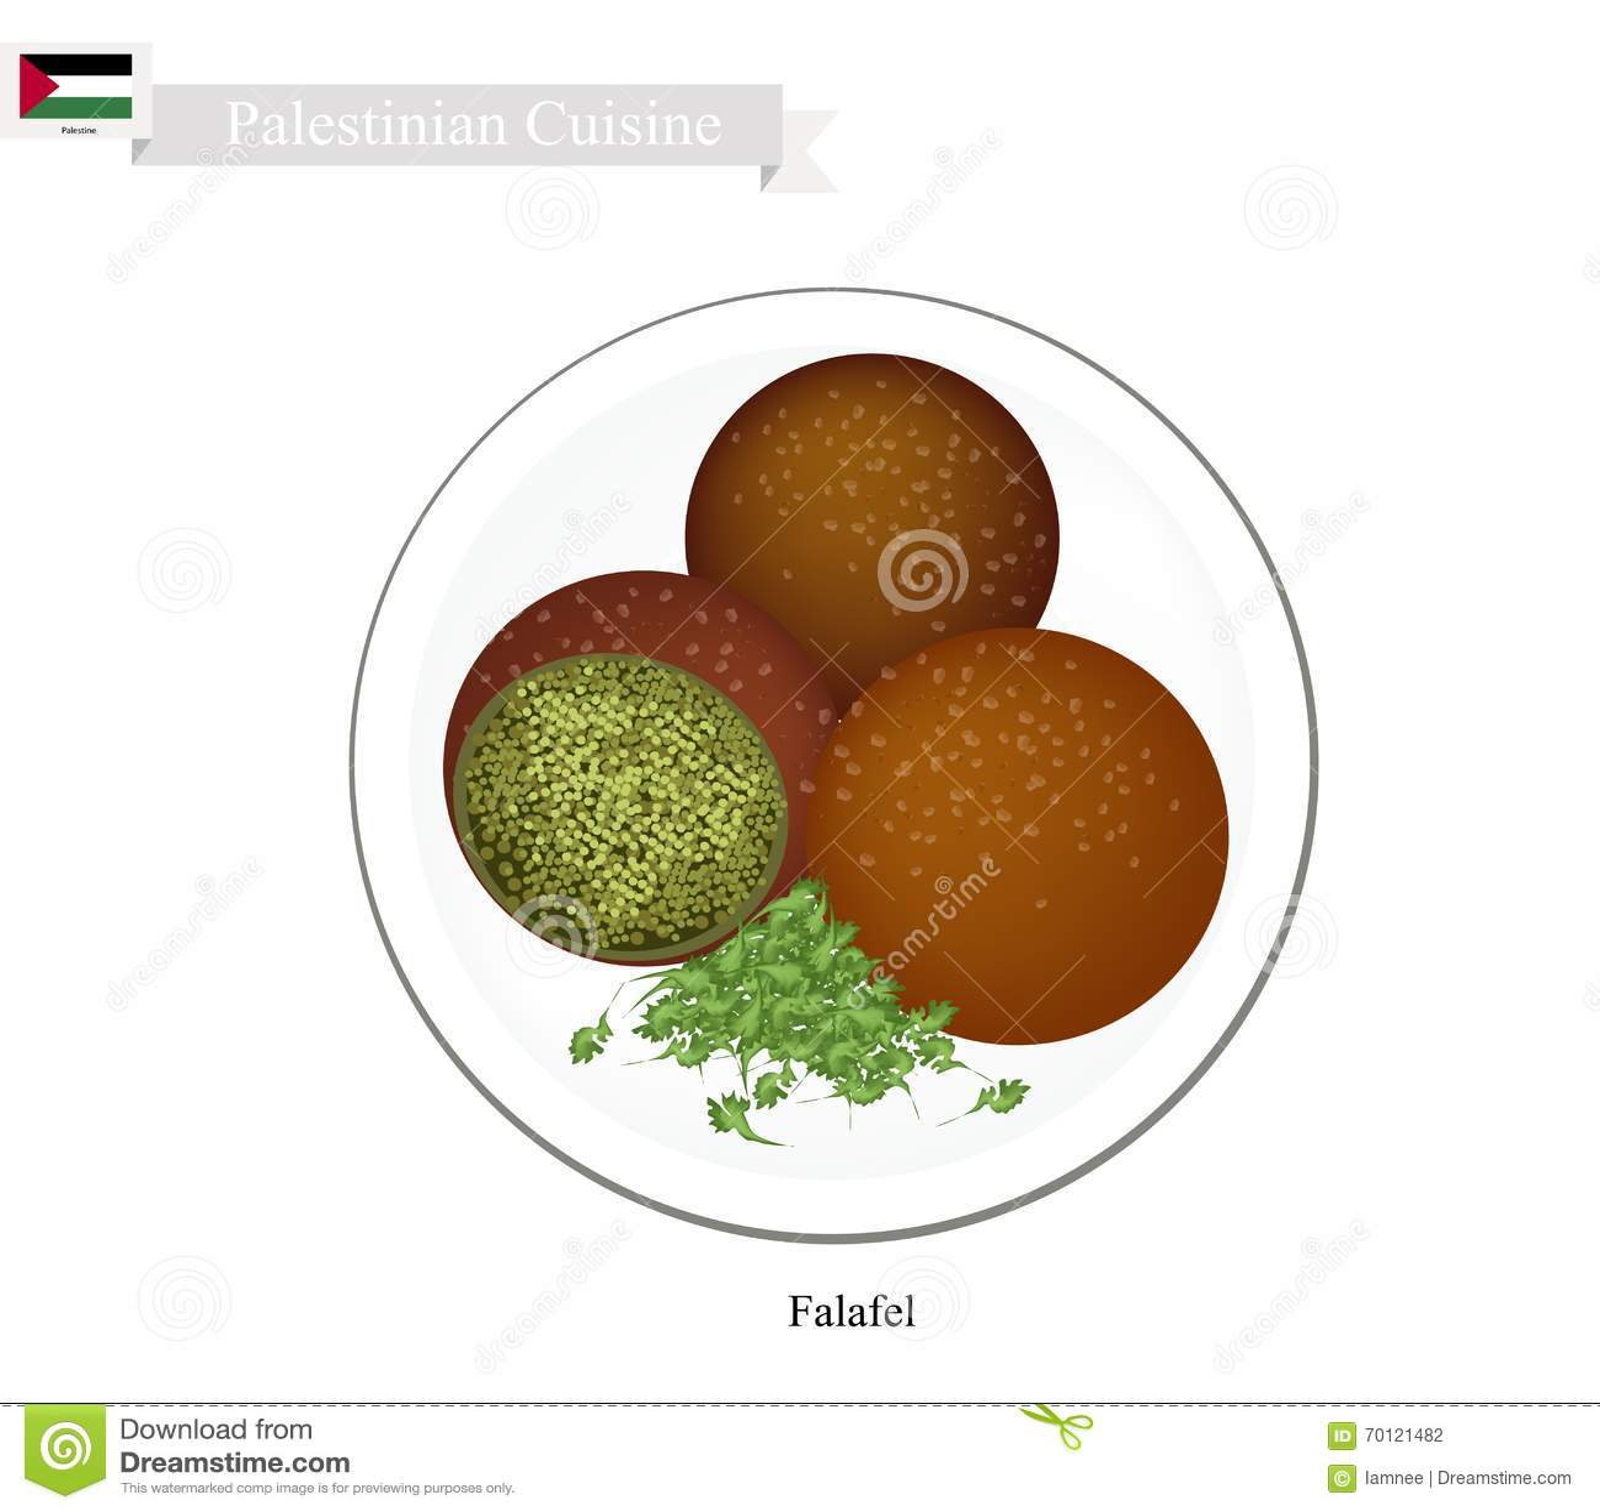 Falafel Cartoons, Illustrations & Vector Stock Images ... Falafel Clipart